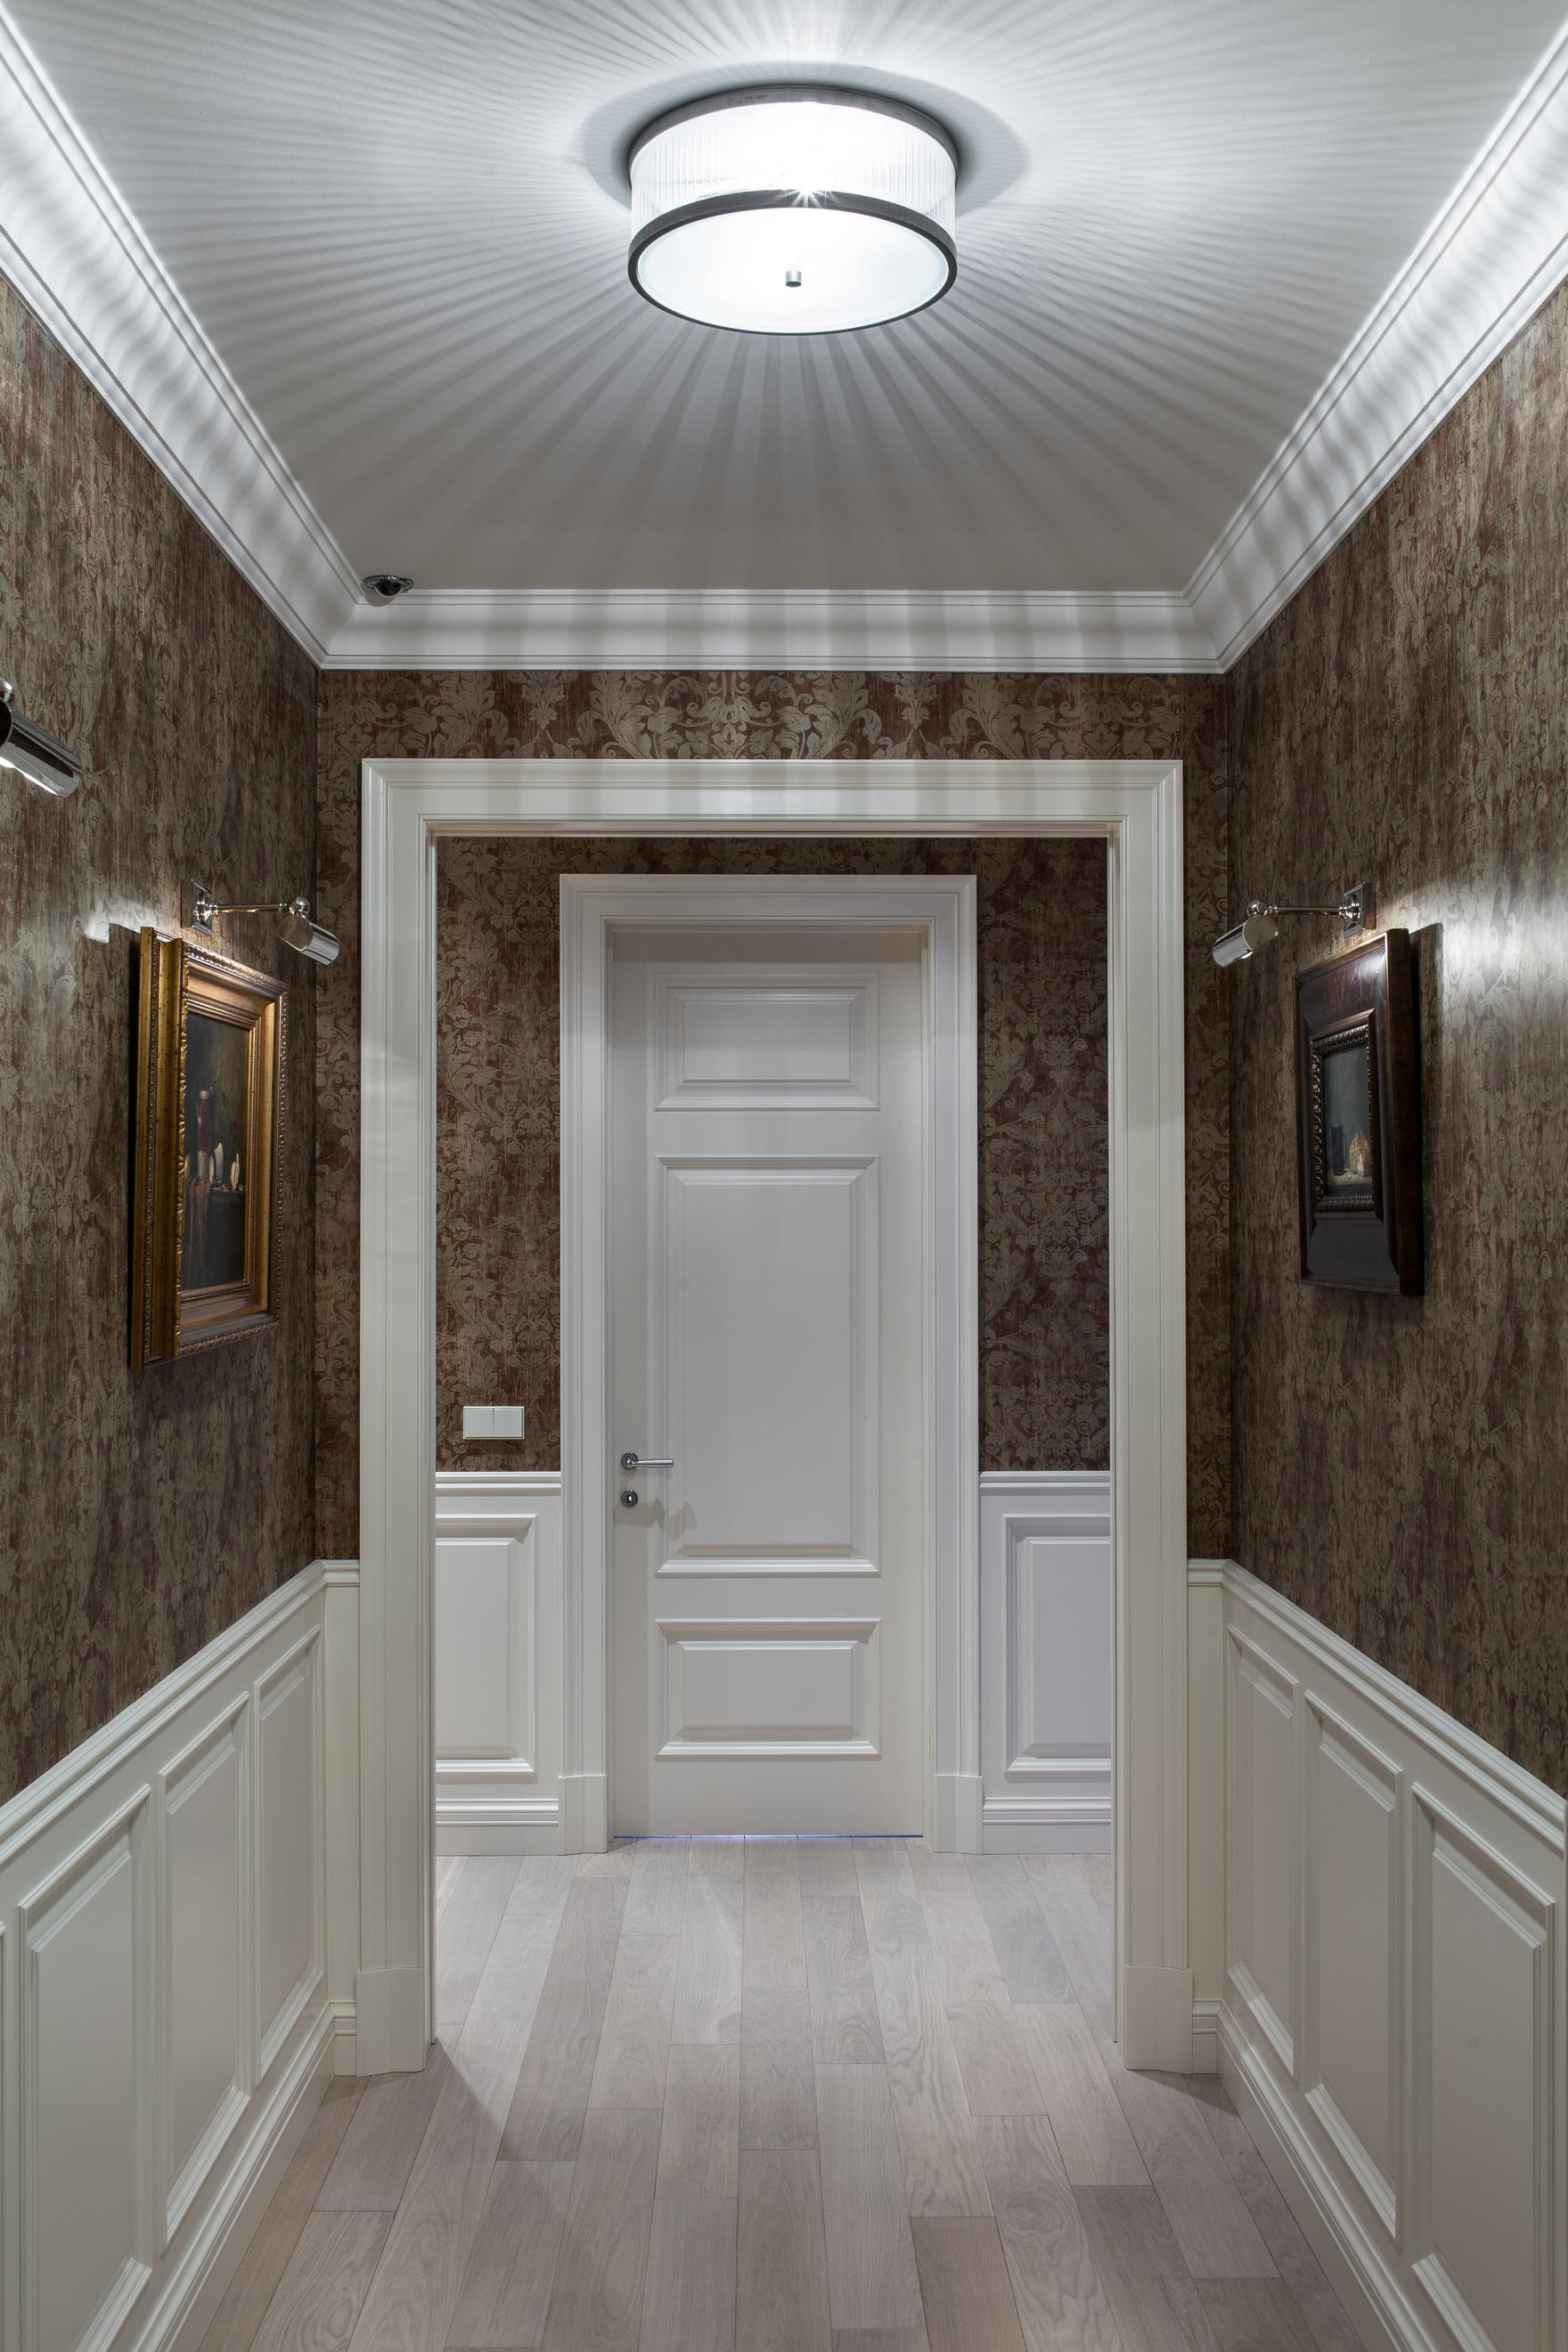 светлые обои в проходную комнату в стиле ретро под темную дверь